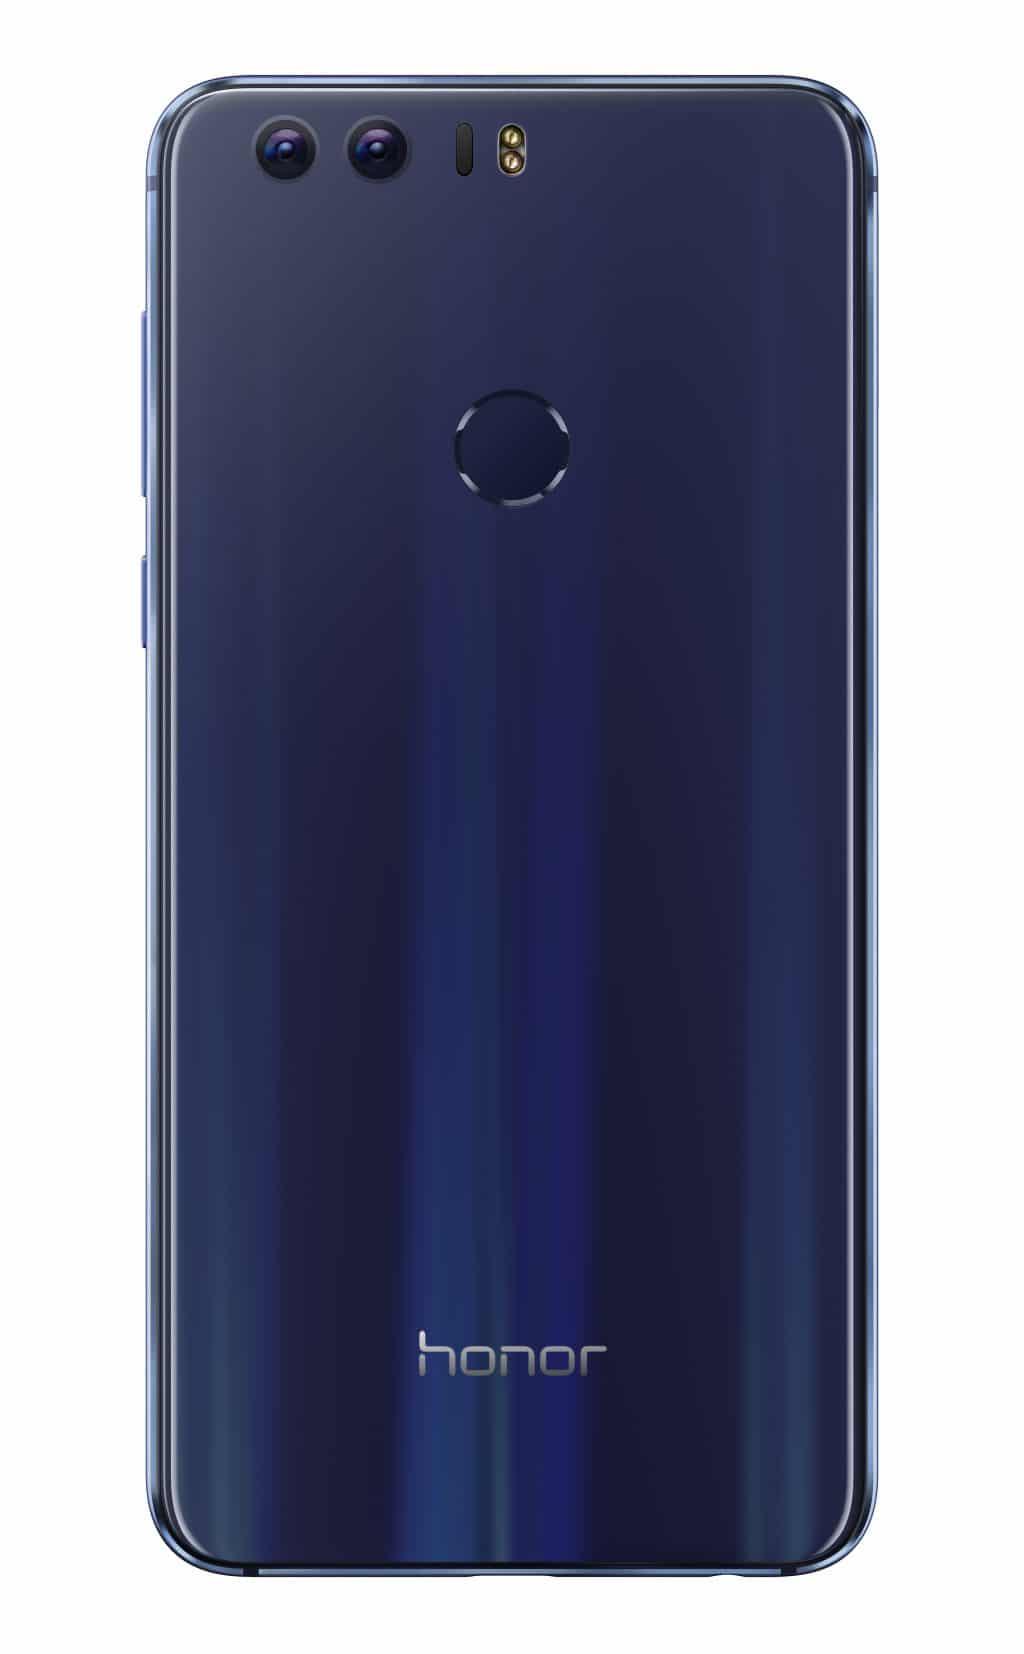 Best Unlocked Phone For Travel